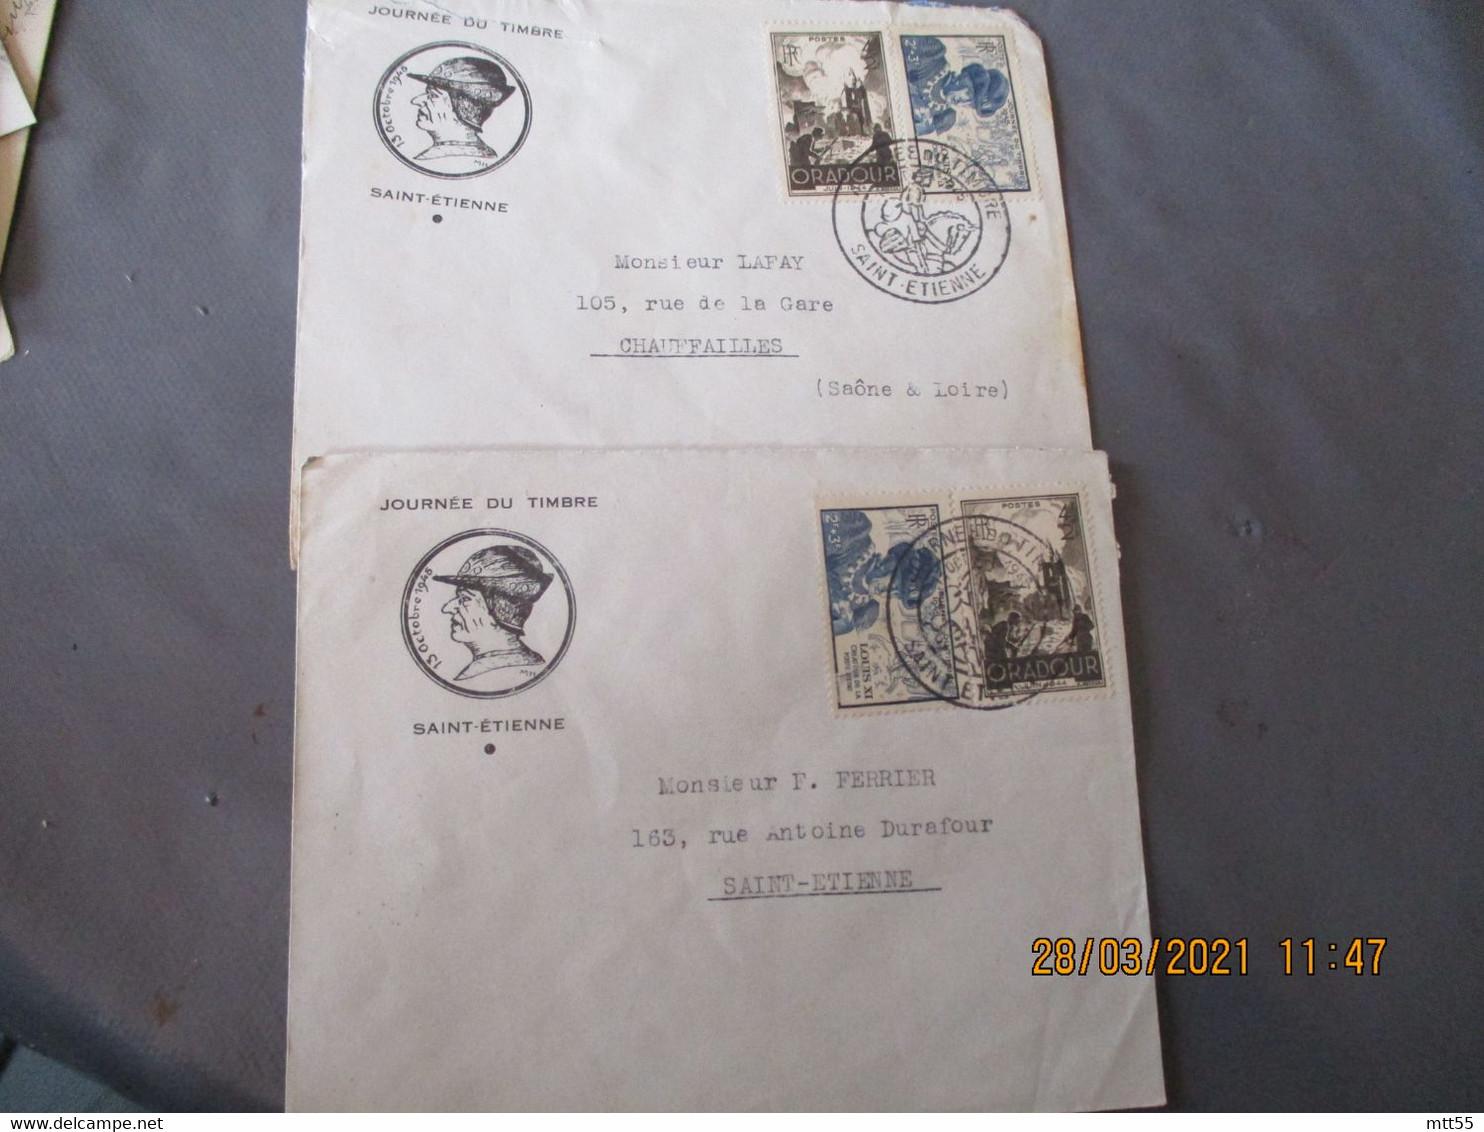 Lot De 2 Lettre Illustree Louis 11 , Saint Etienne Journee Timbre Timbre Louis 11 Et Oradour - 1921-1960: Moderne